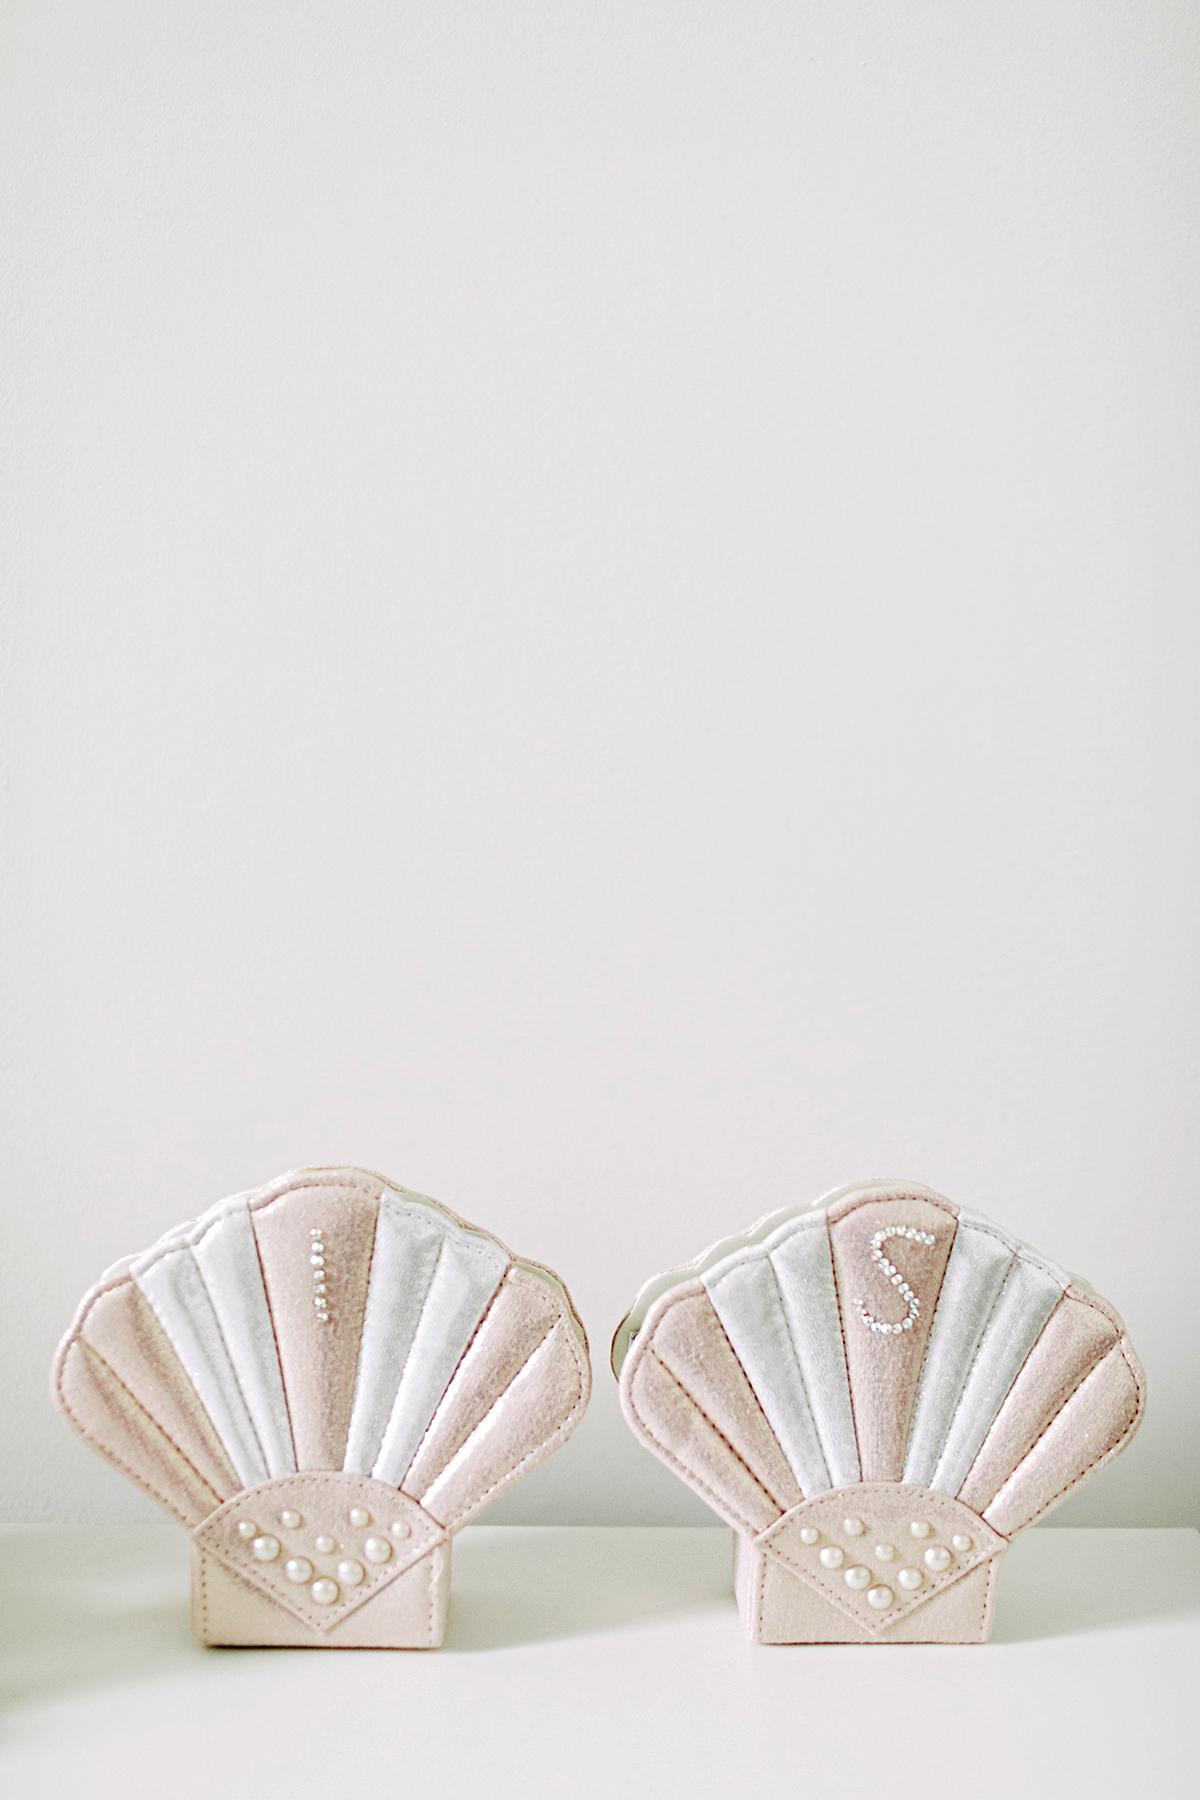 ana and damon embellished blush boxes